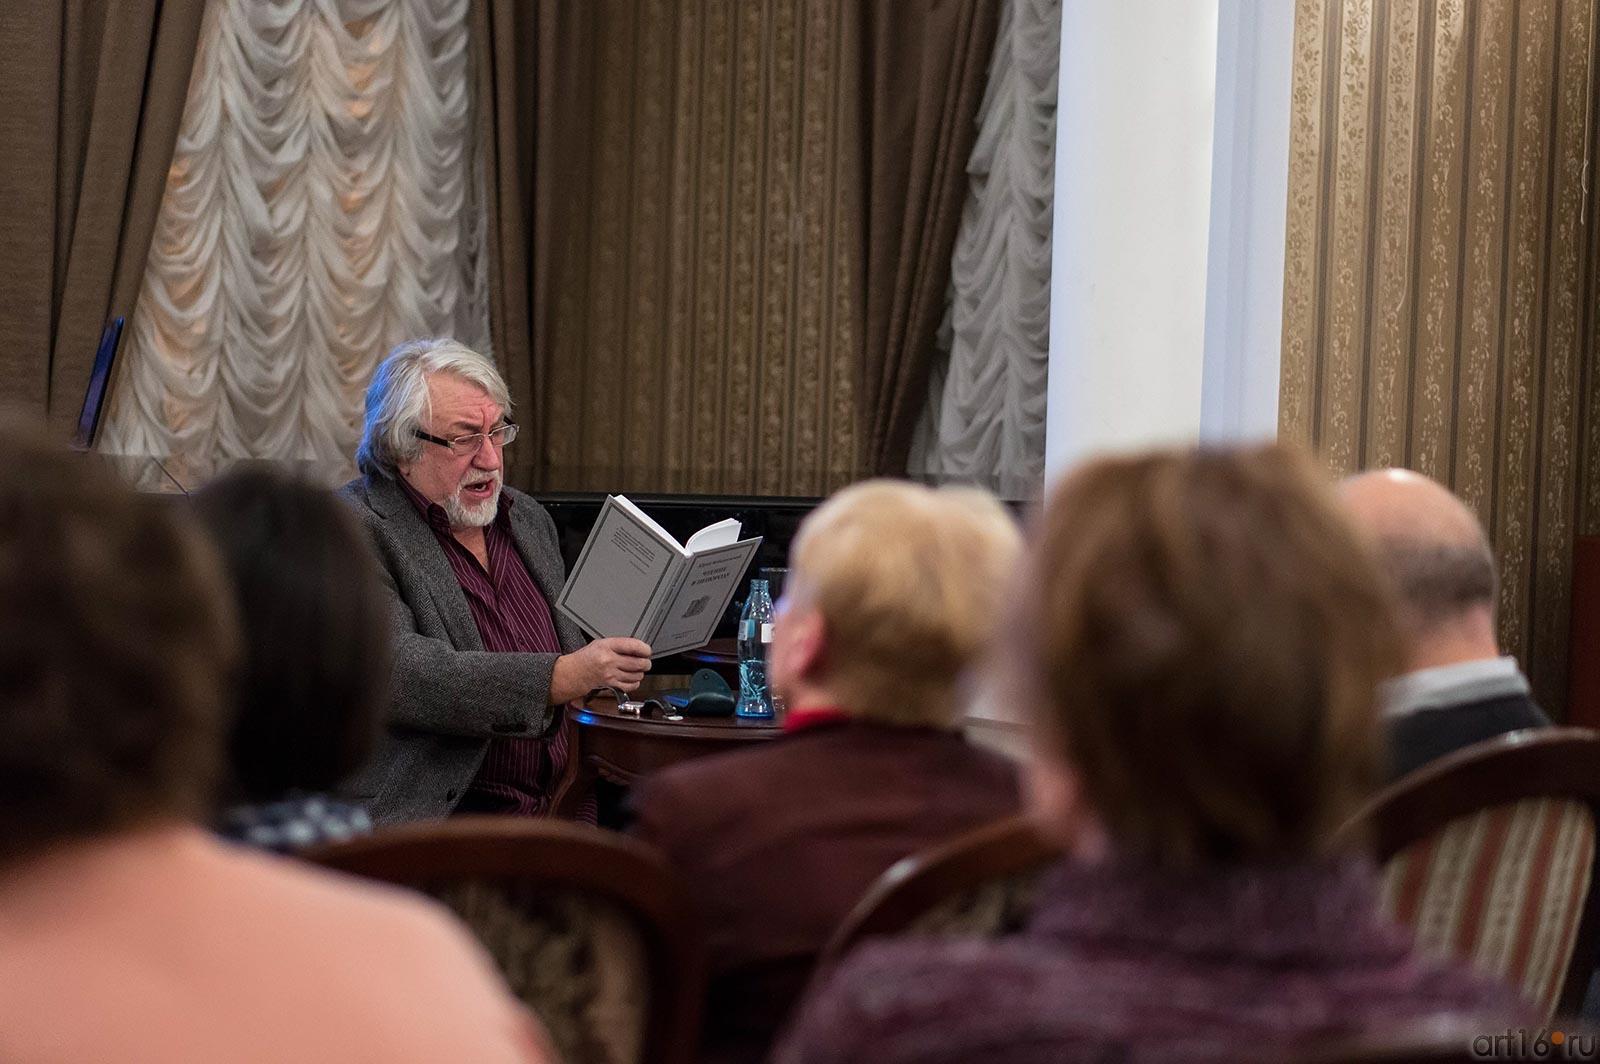 Творческий вечер Юрия Кублановского в Доме Аксенова, Казань, 8.02.2013::Юрий Кублановский